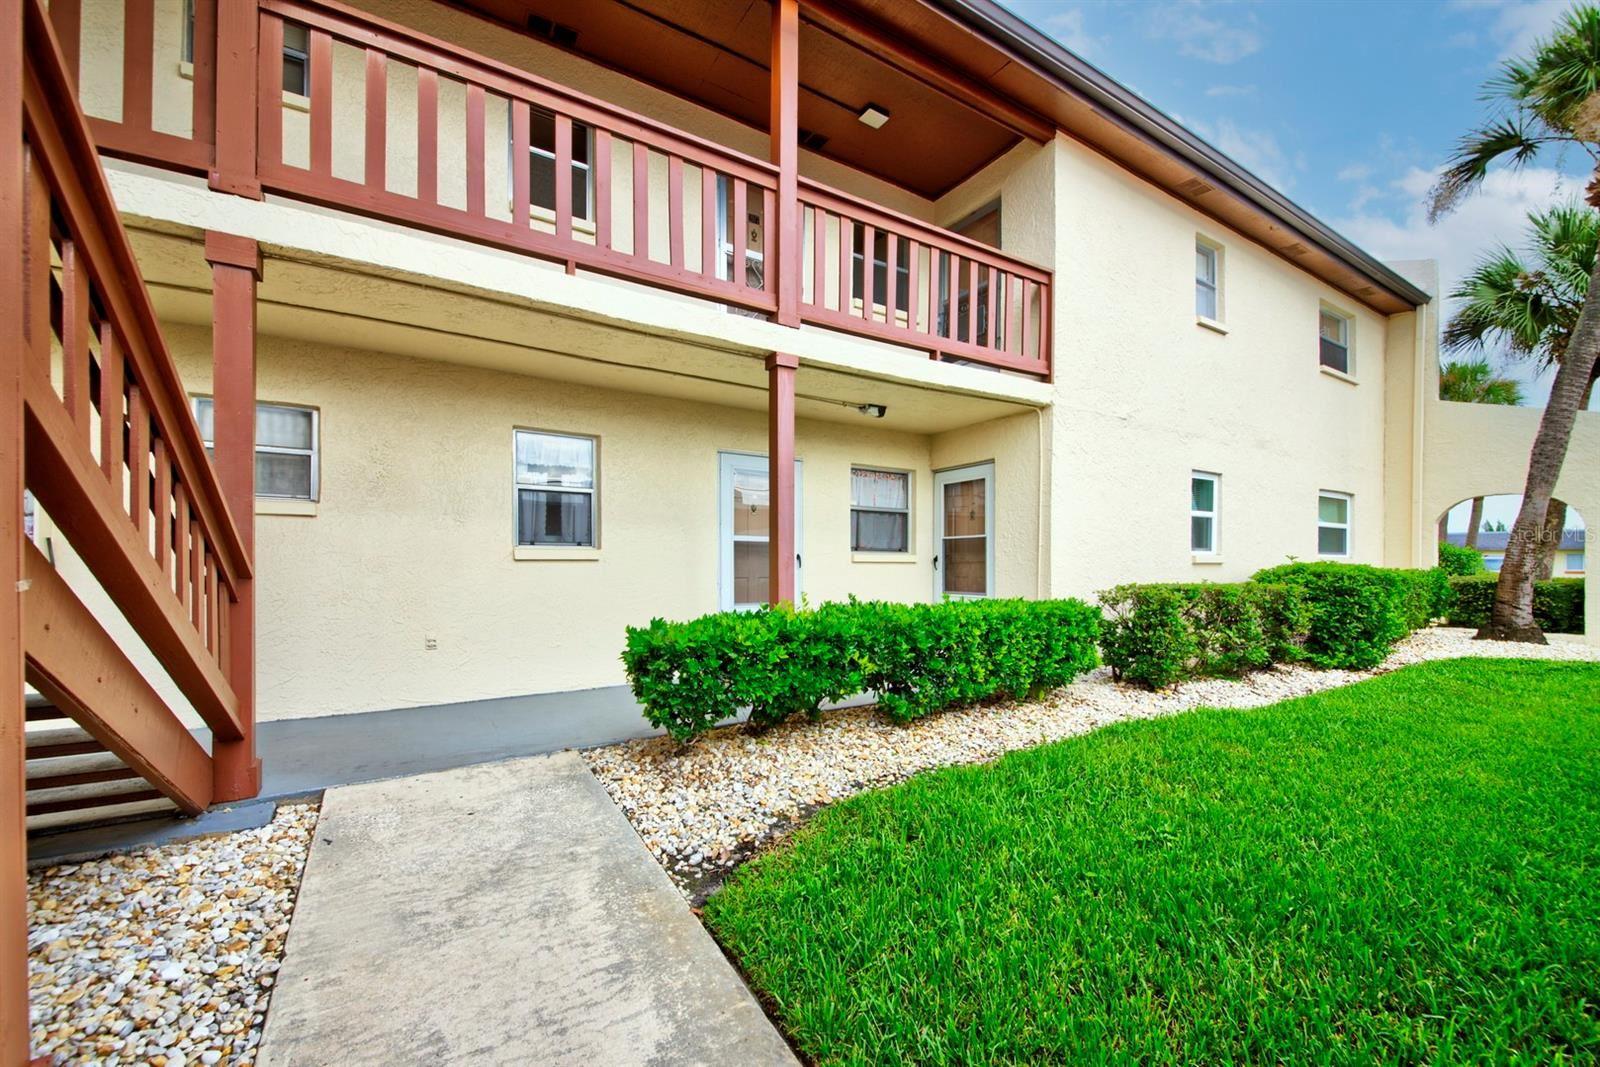 5135 GEMSTONE DRIVE #107, New Port Richey, FL 34652 - MLS#: U8137338